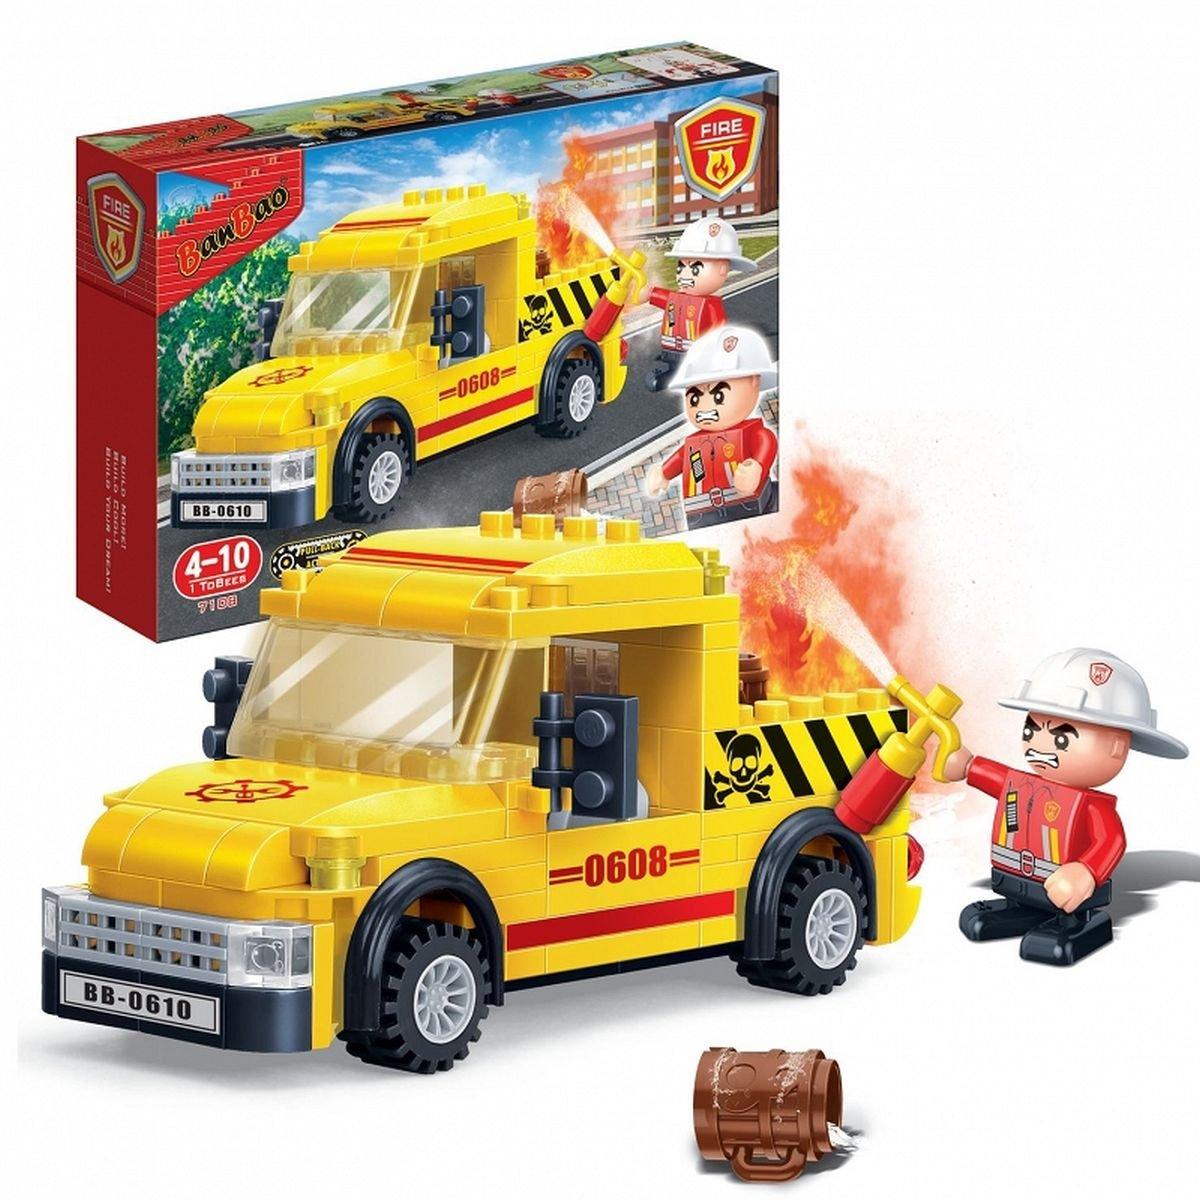 Конструктор  - Пожарная машина, 105 деталейКонструкторы BANBAO<br>Конструктор  - Пожарная машина, 105 деталей<br>